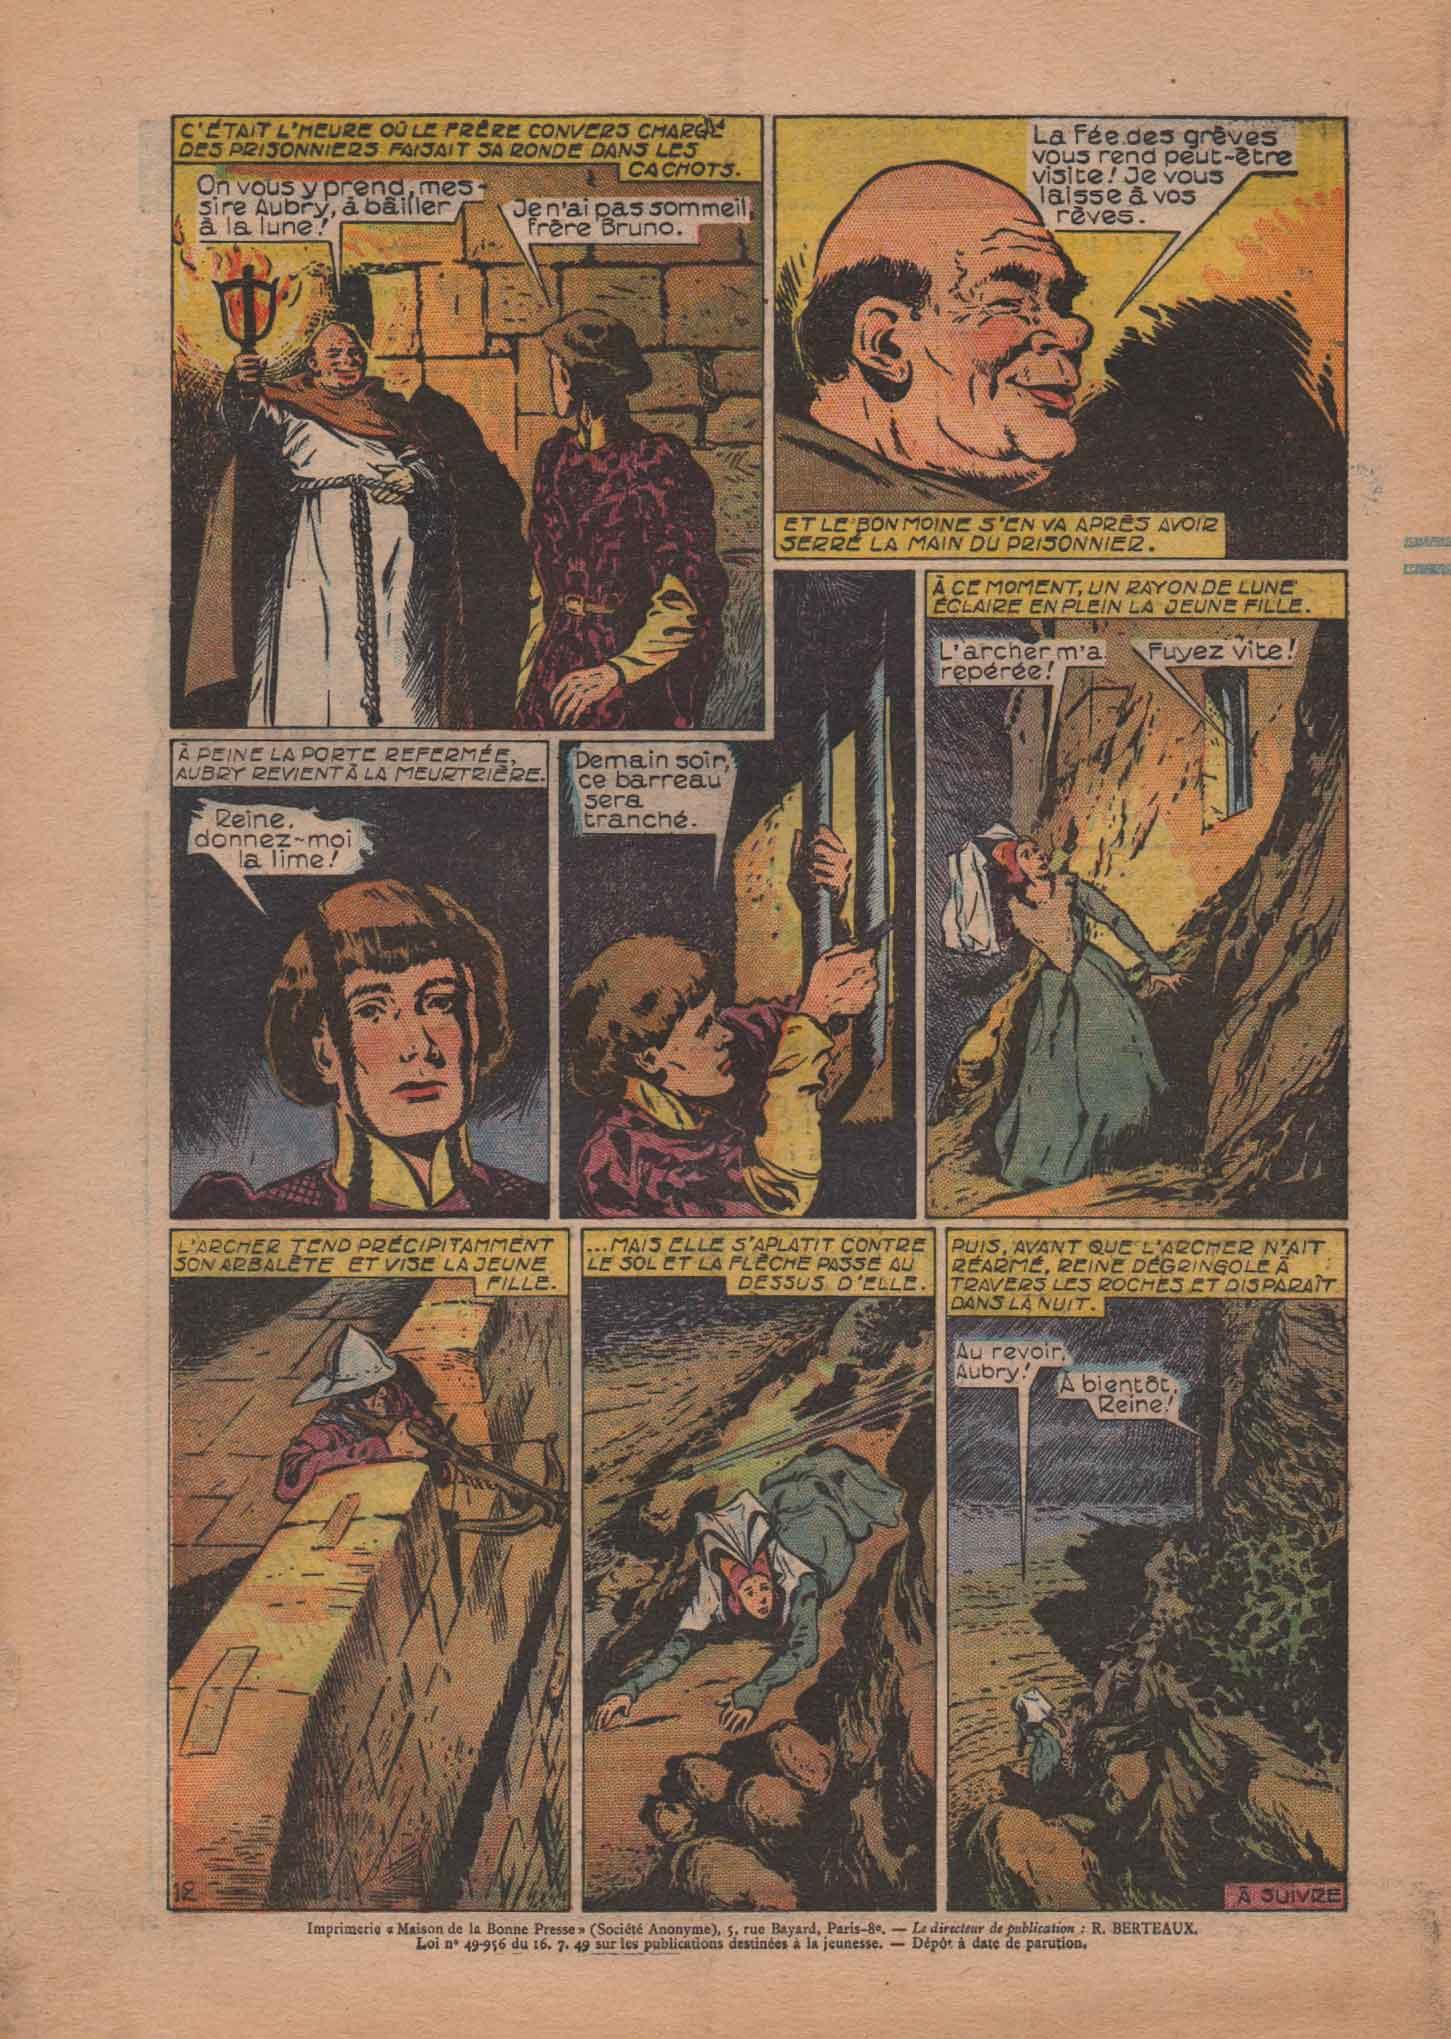 « La Fée des Grèves » Bernadette n° 397 (11/07/1954).